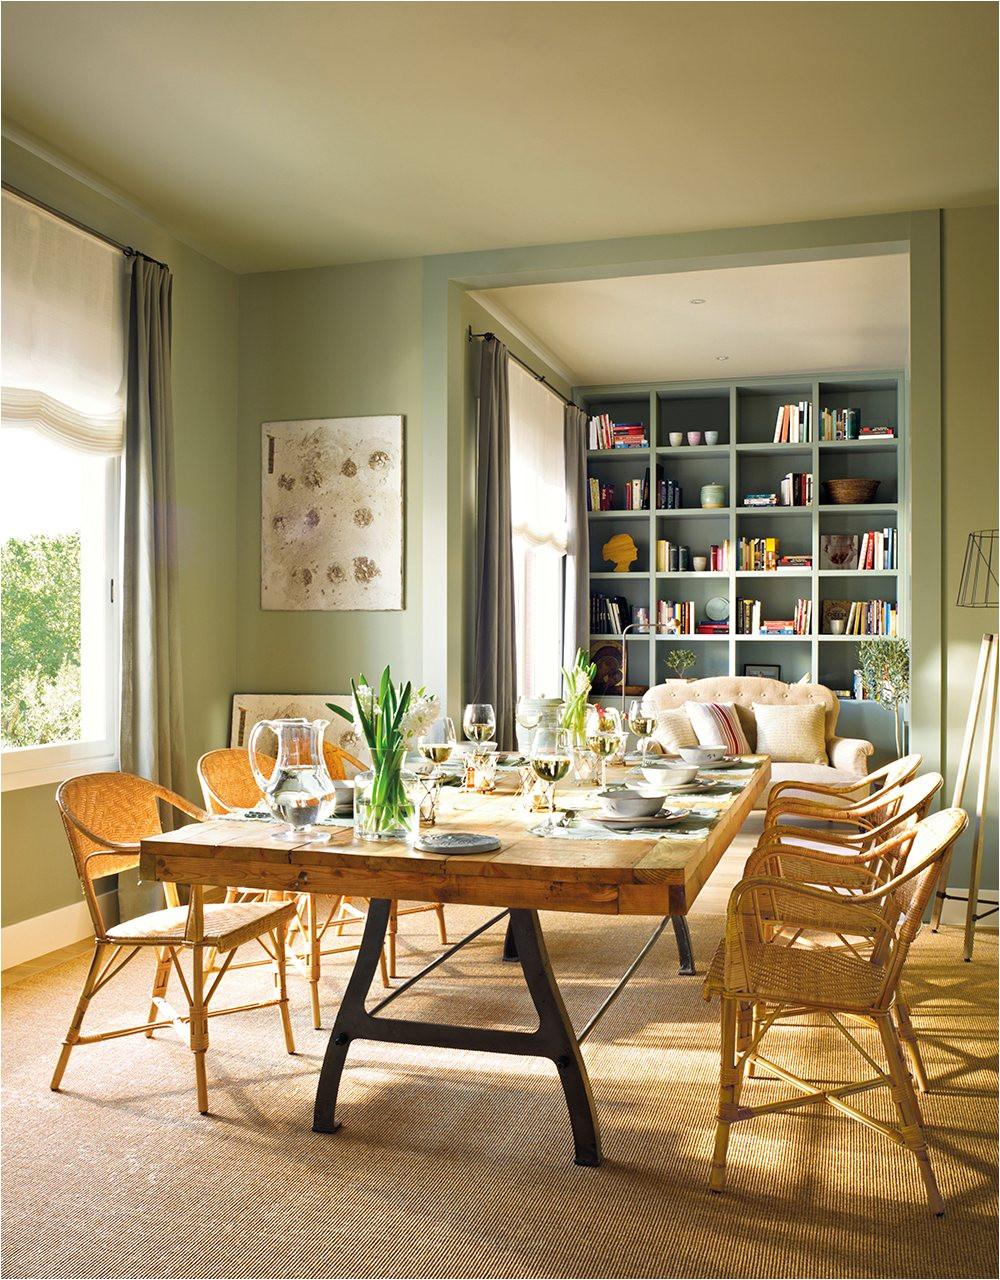 colores para pintar una sala comedor pequeno moda y modernas interiores color feng shui juntos la salud tambien esta en with colores para pintar comedor